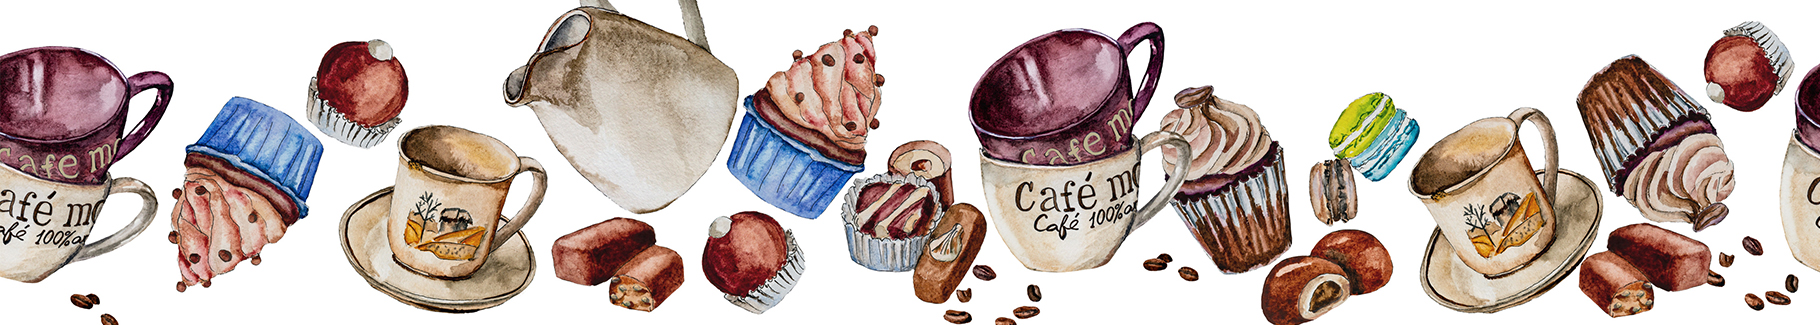 Fototapeta do kawiarni: słodycze